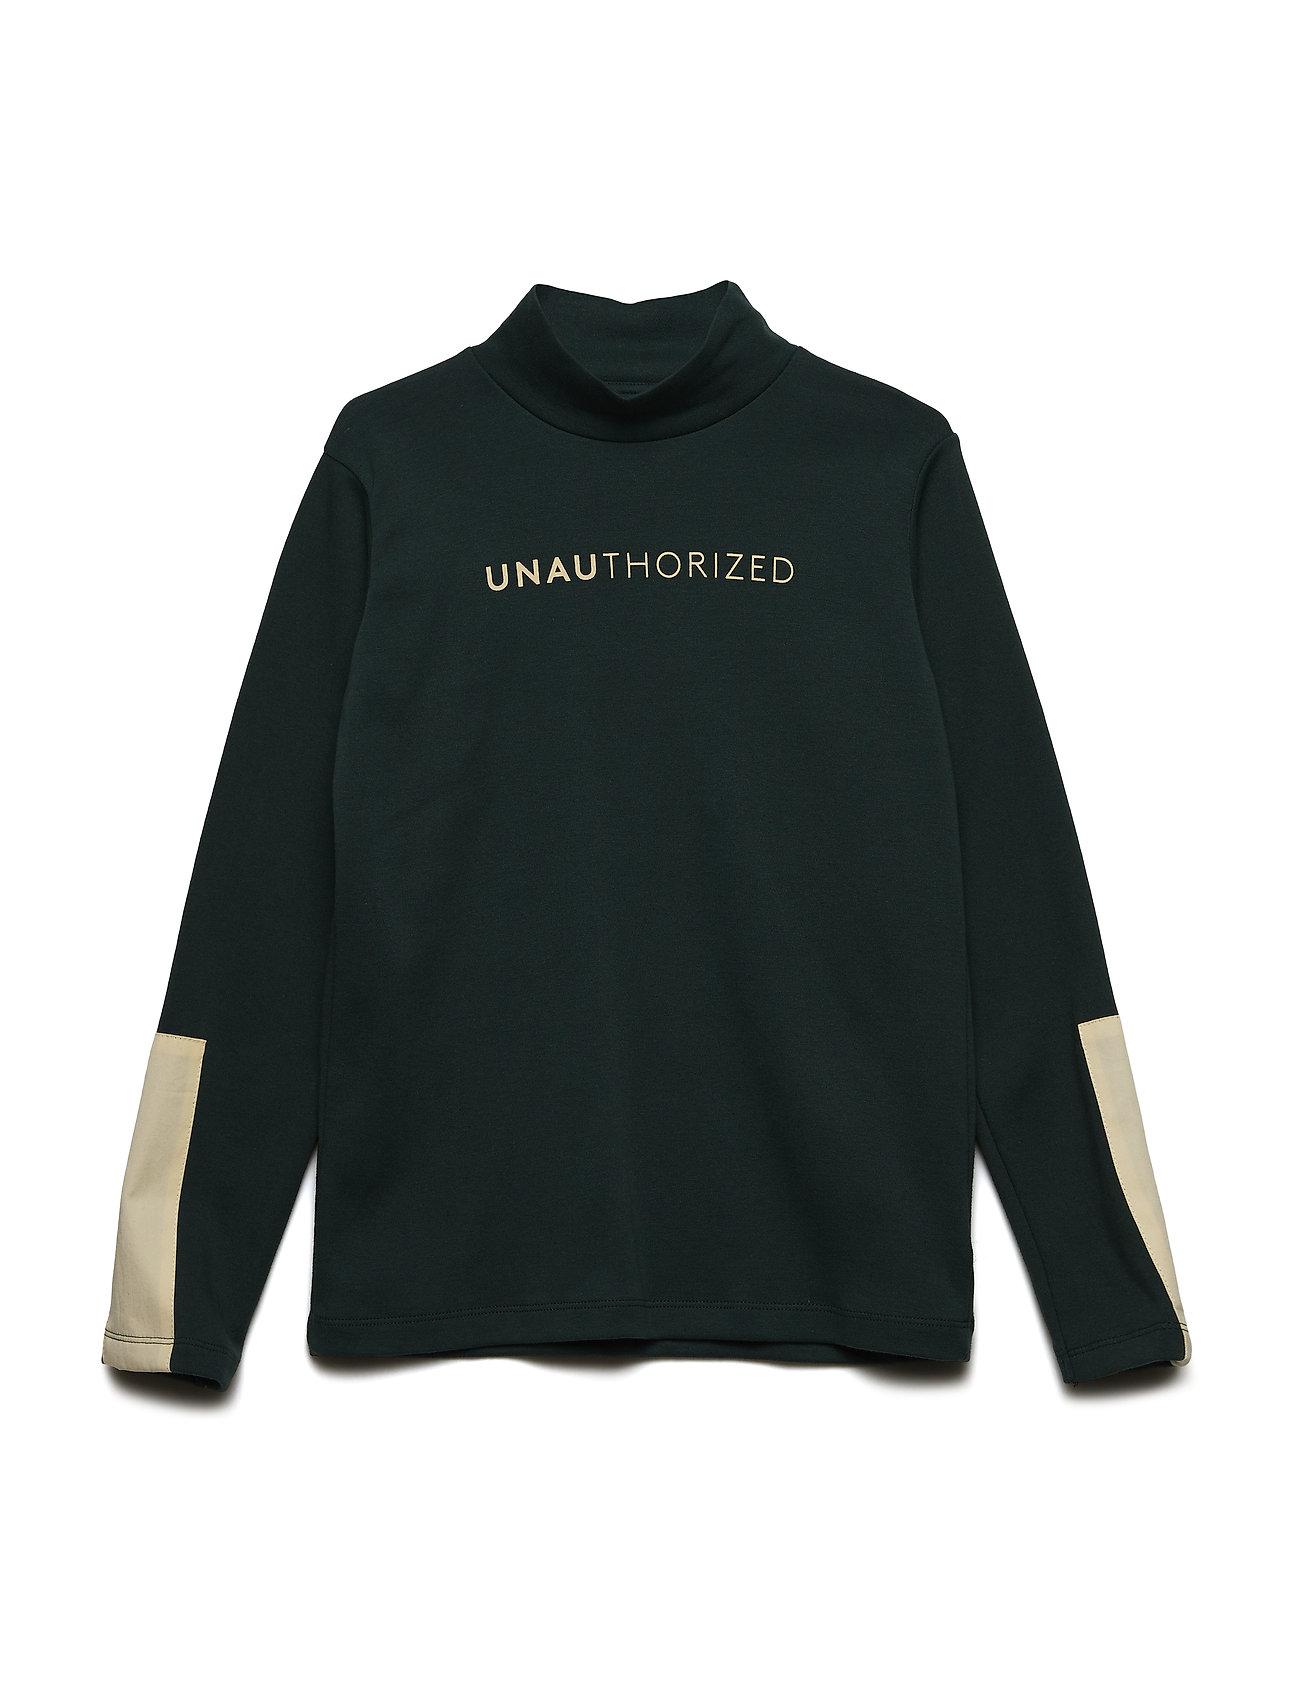 Unauthorized Nico T-shirt, K - PONDEROSA PINE GREEN